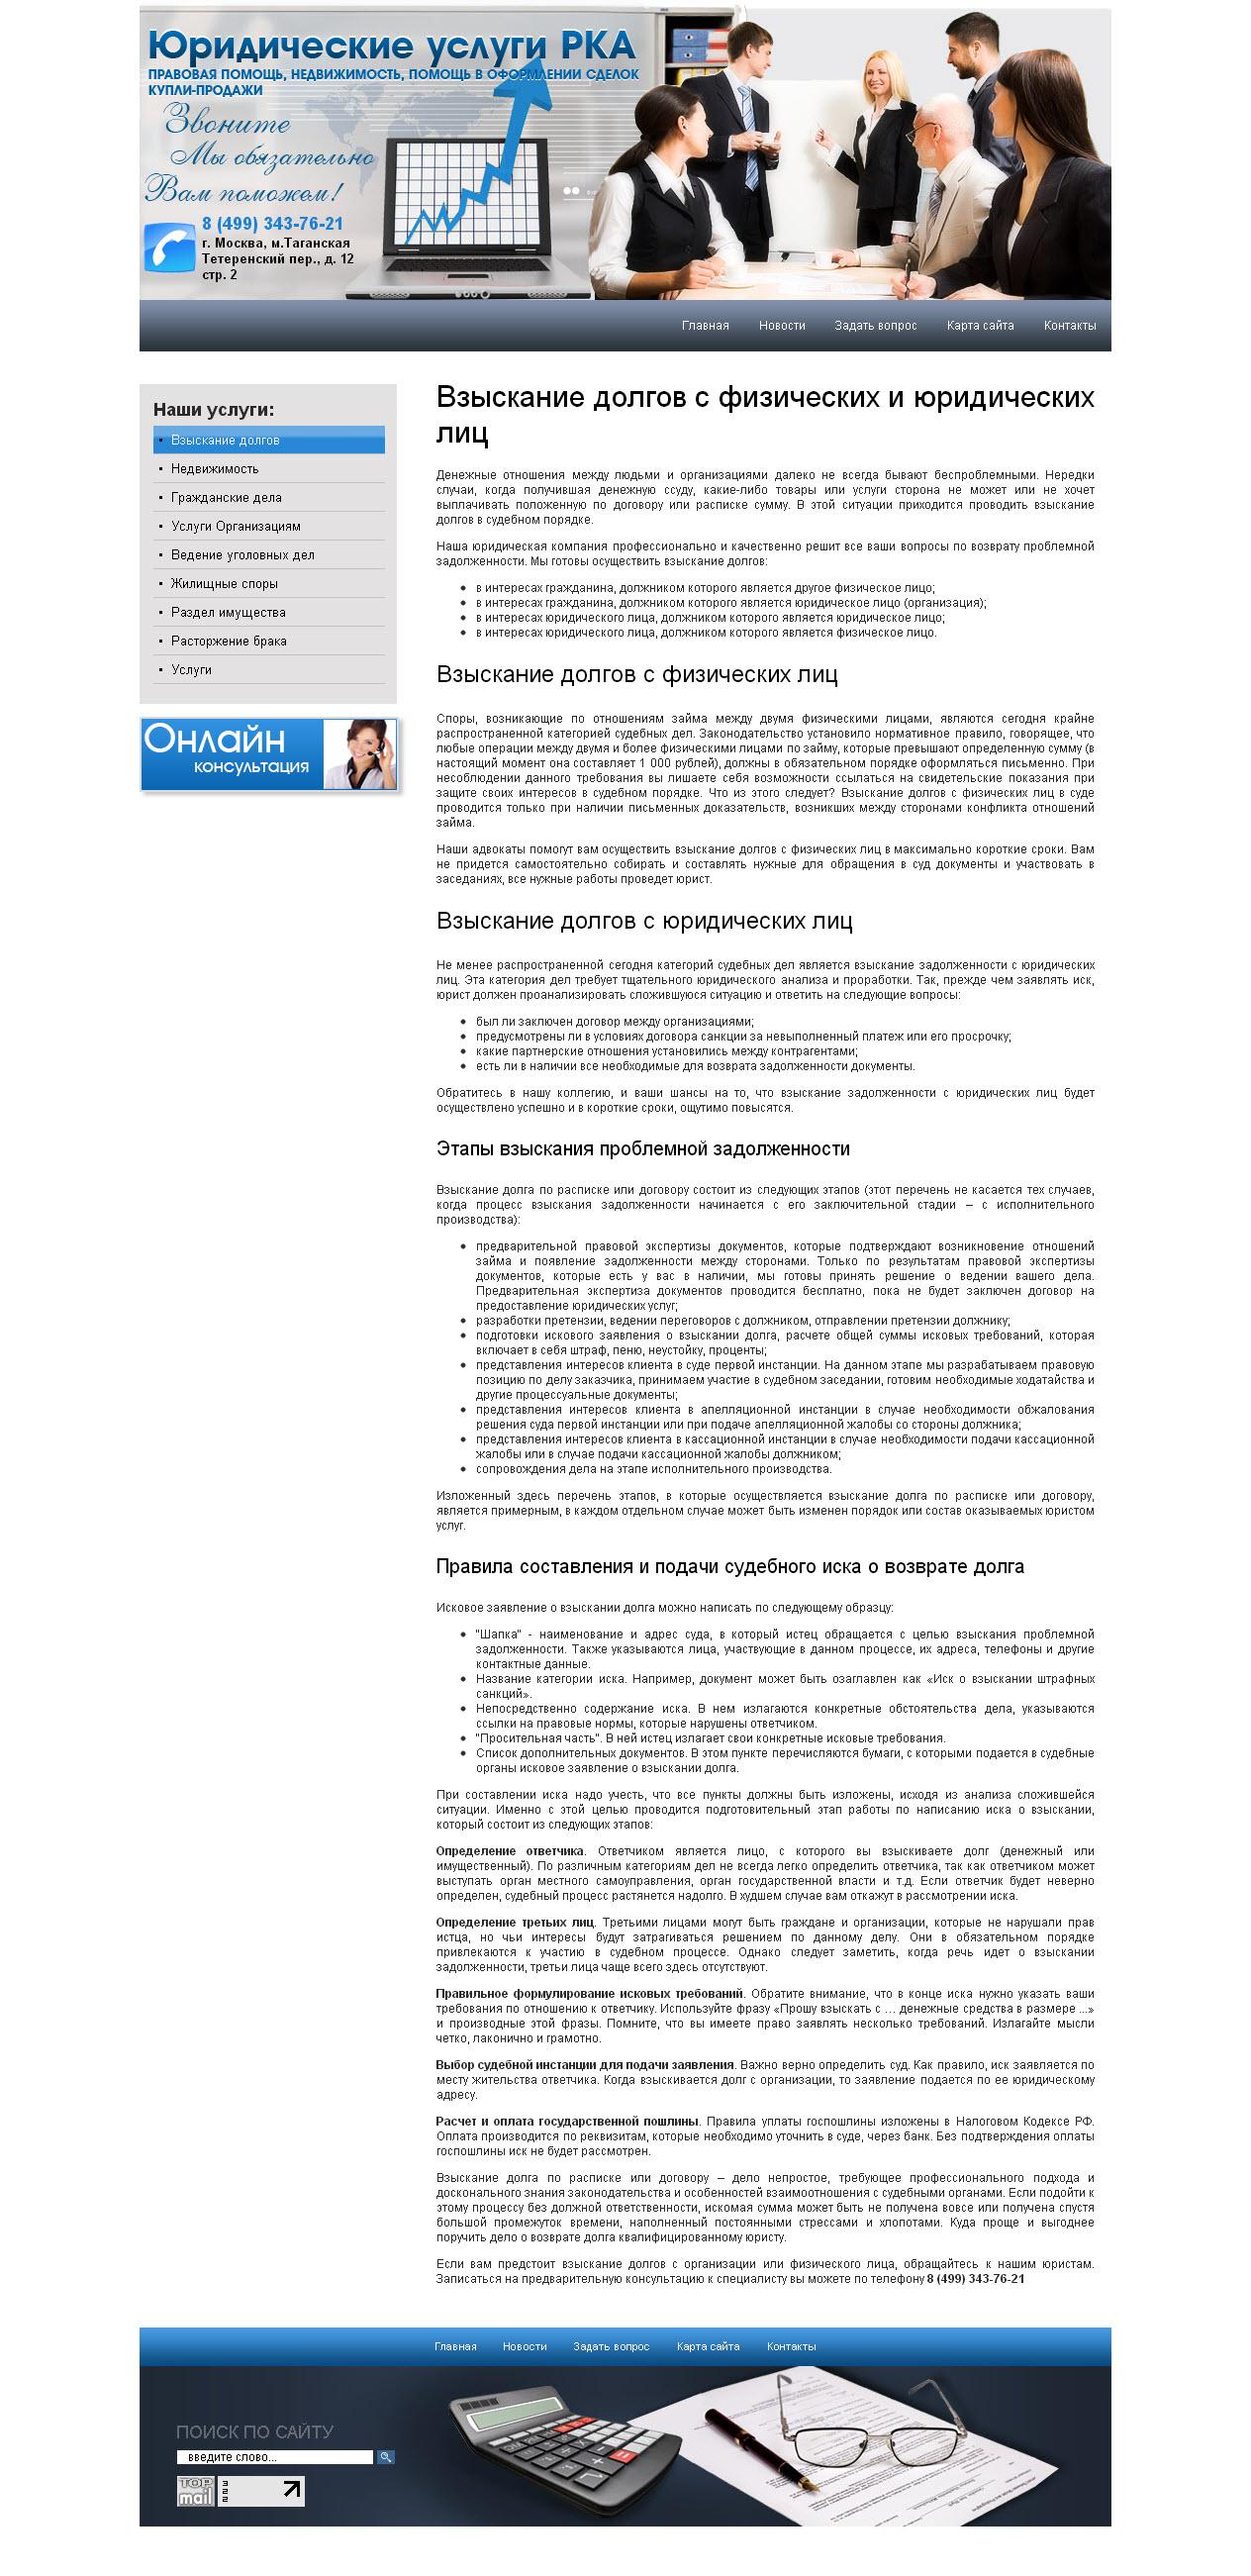 ЮРИДИЧЕСКИЕ: Взыскание долгов с юридических лиц